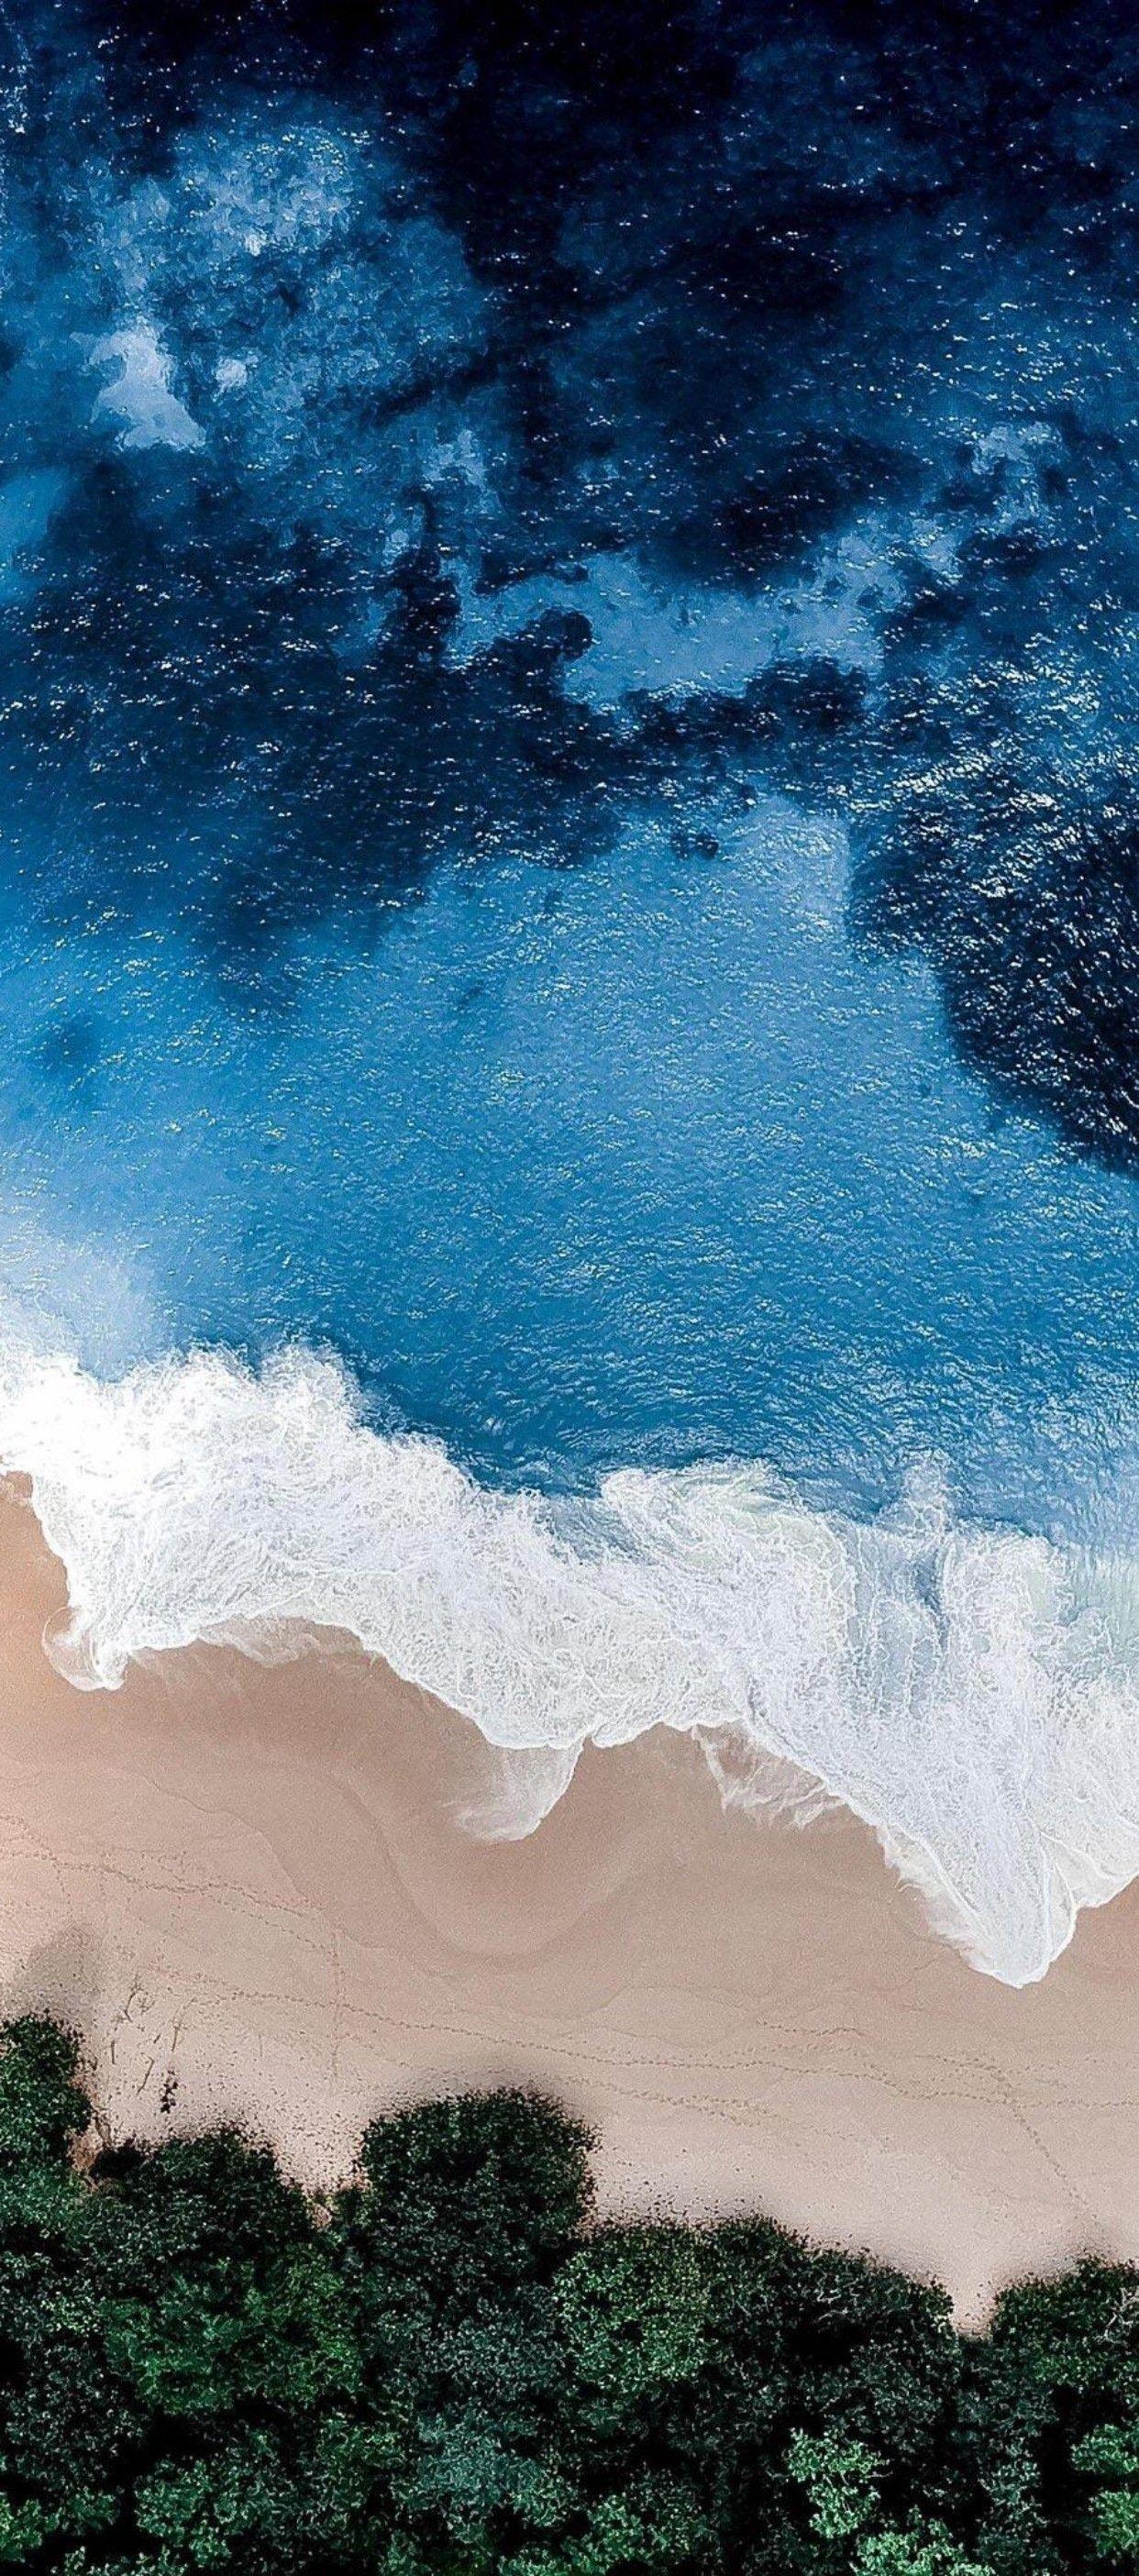 iOS 11, iPhone X, Aqua, blue, Water, beach, wave, ocean, apple, wallpaper, iphone 8, clean ...